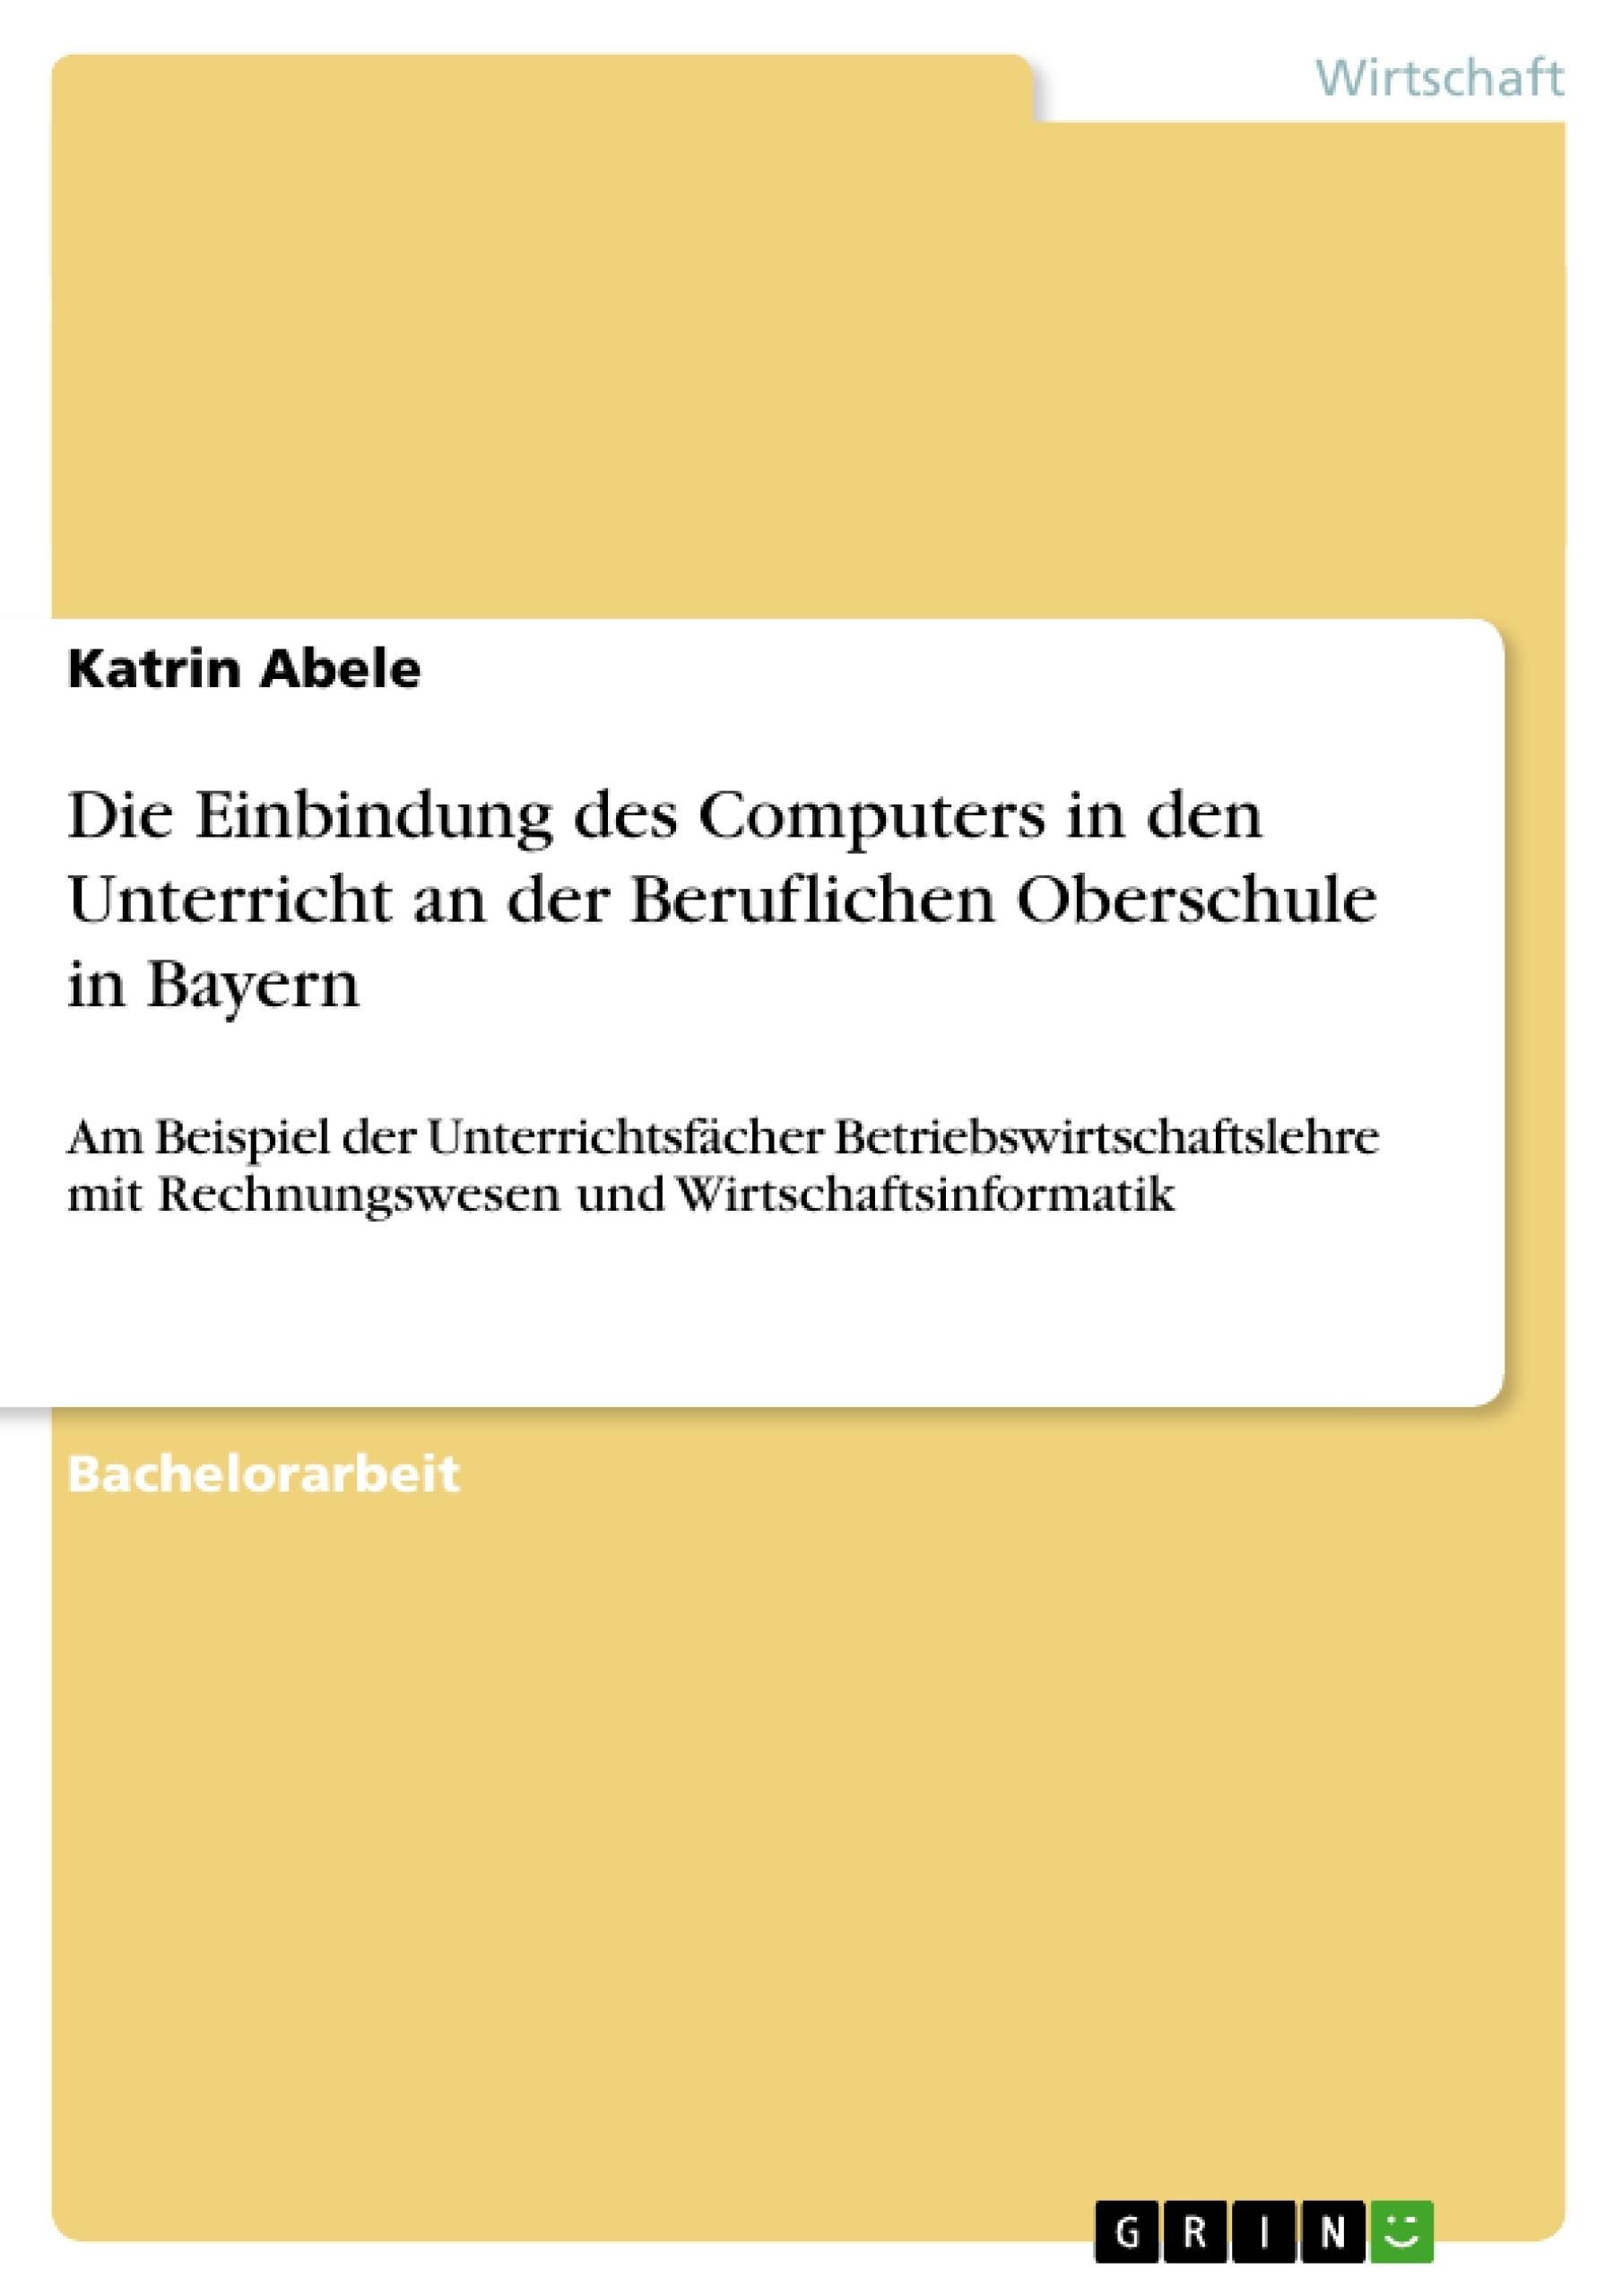 Titel: Die Einbindung des Computers in den Unterricht an der Beruflichen Oberschule in Bayern